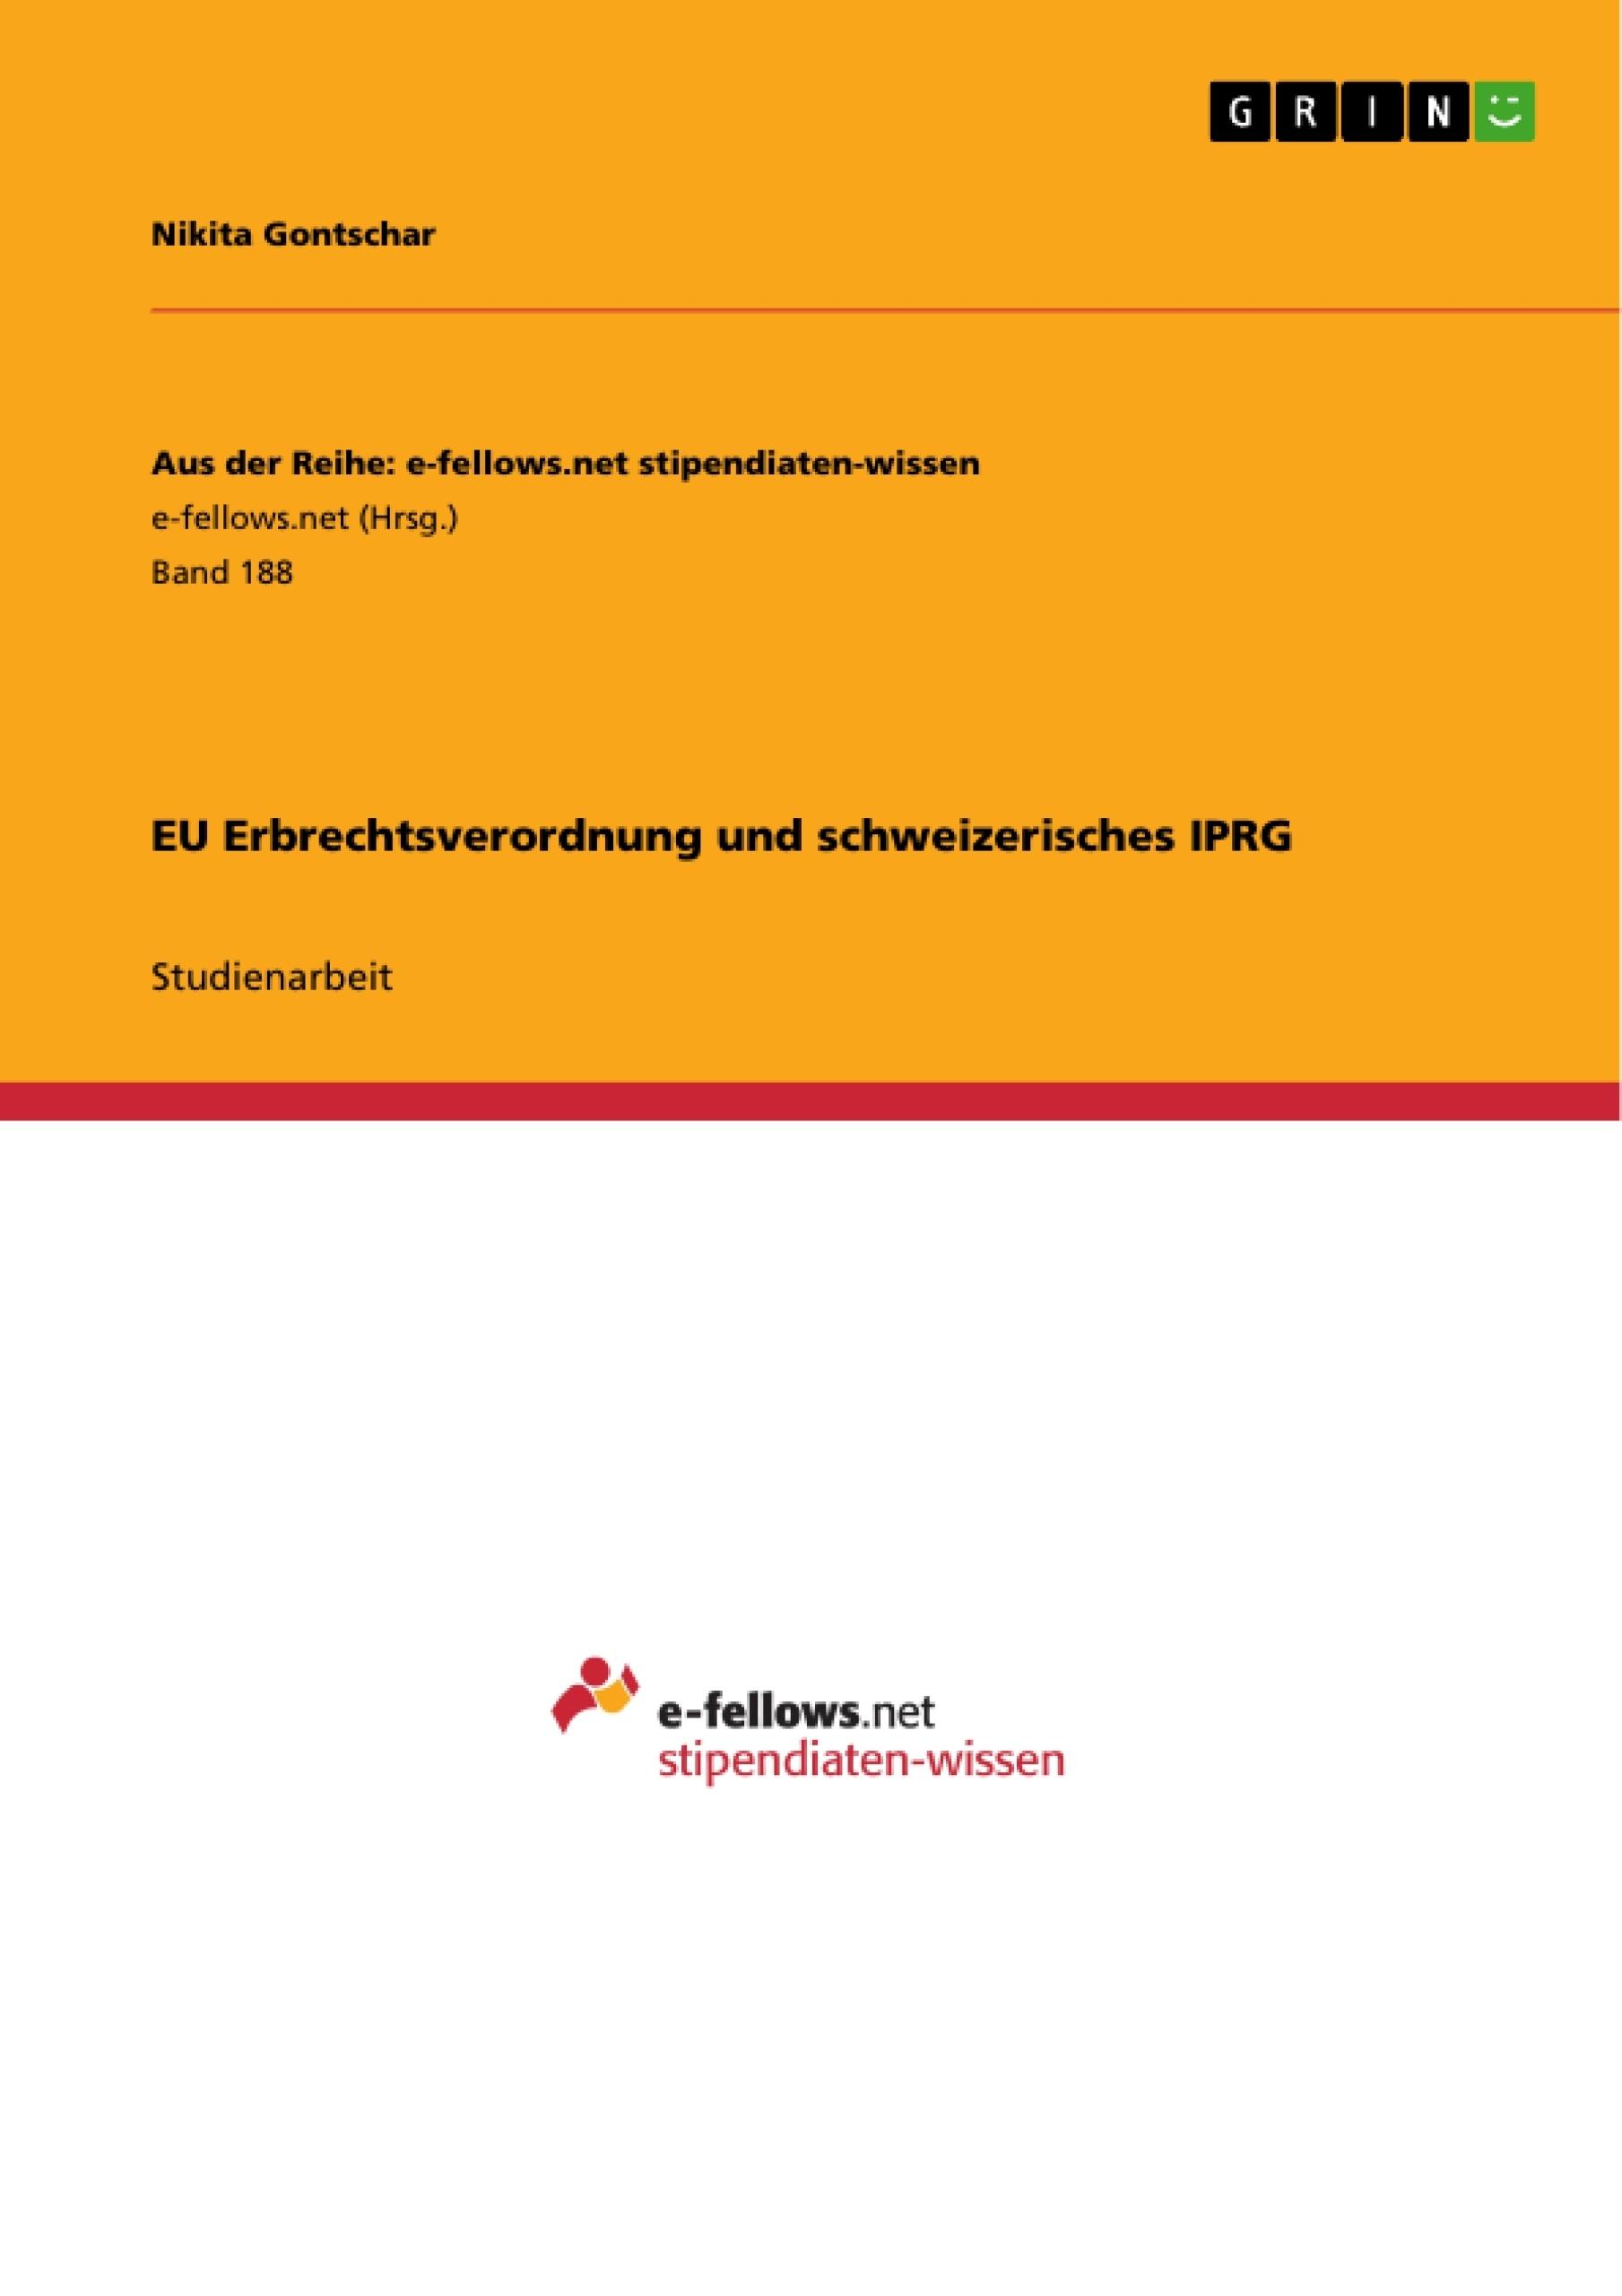 Titel: EU Erbrechtsverordnung und schweizerisches IPRG